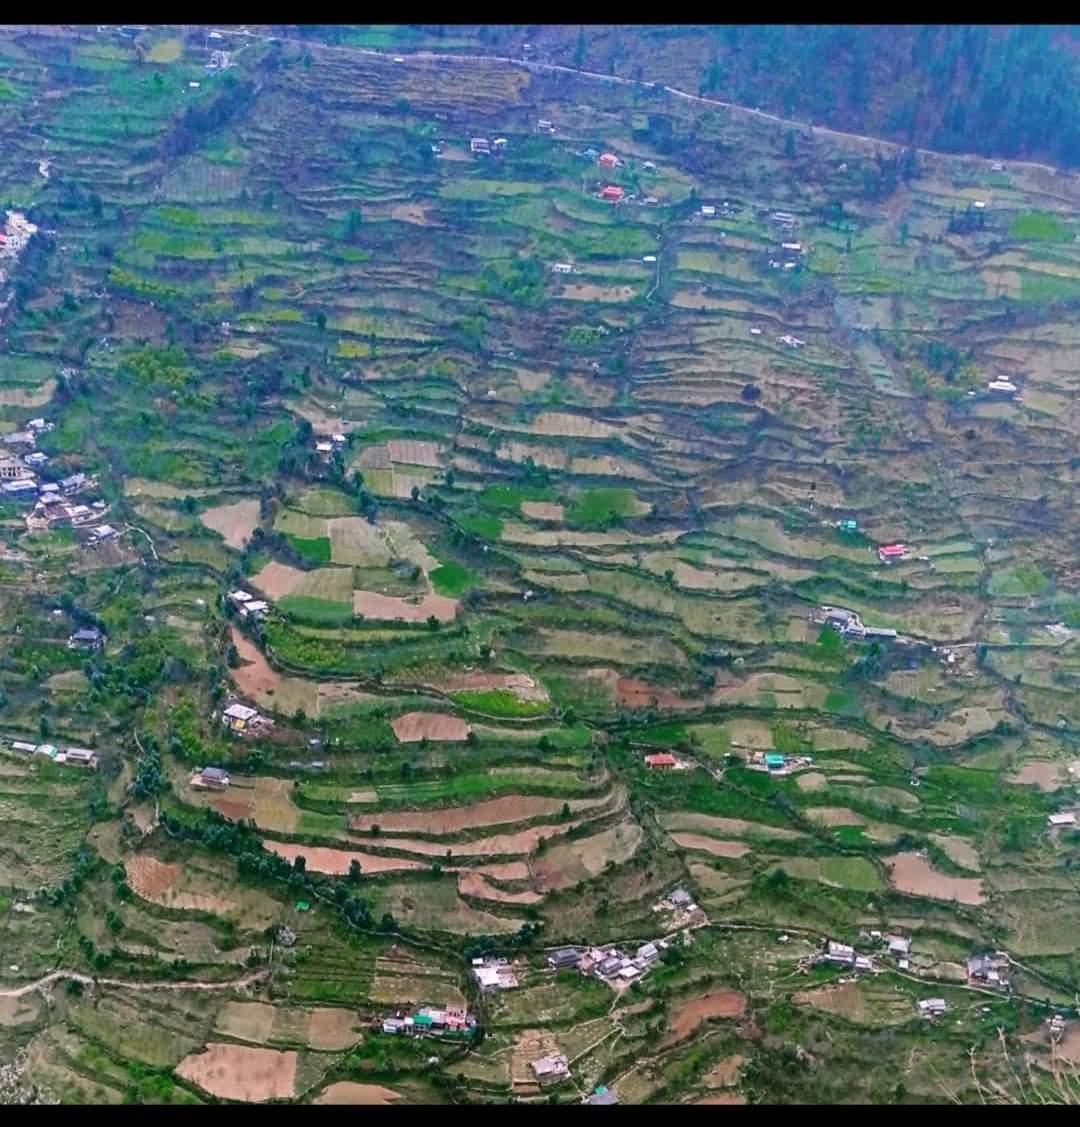 कृषि विभाग द्वारा खरीफ सीजन की फसलों के बीमा को लेकर अधिसूचना जारी, 48 रूपए प्रति बीघा प्रीमियम देकर लें लाभ